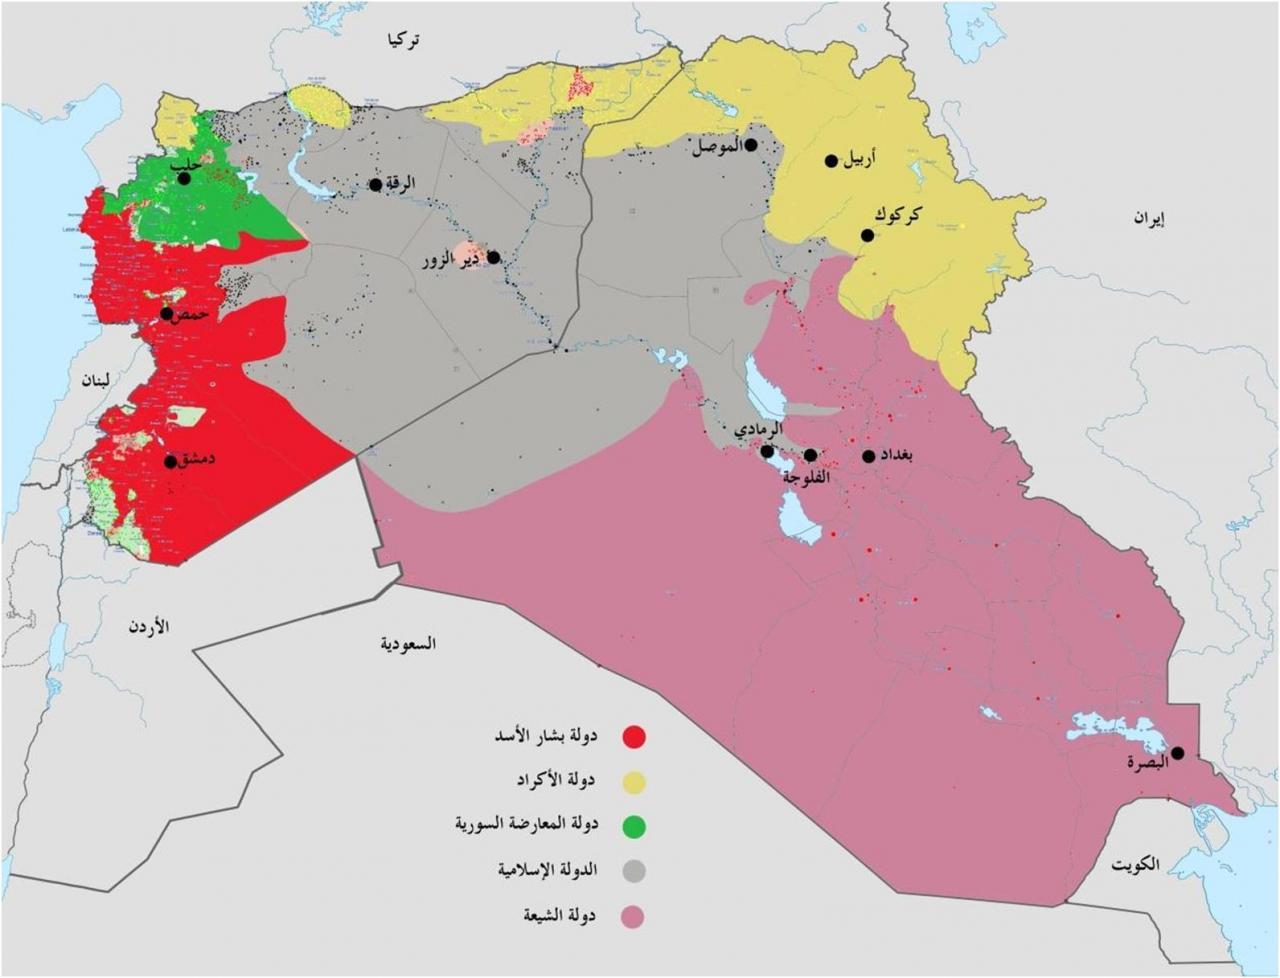 خريطة العراق وسوريا اهم واجمل الاماكن السياحة في سوريا والعراق